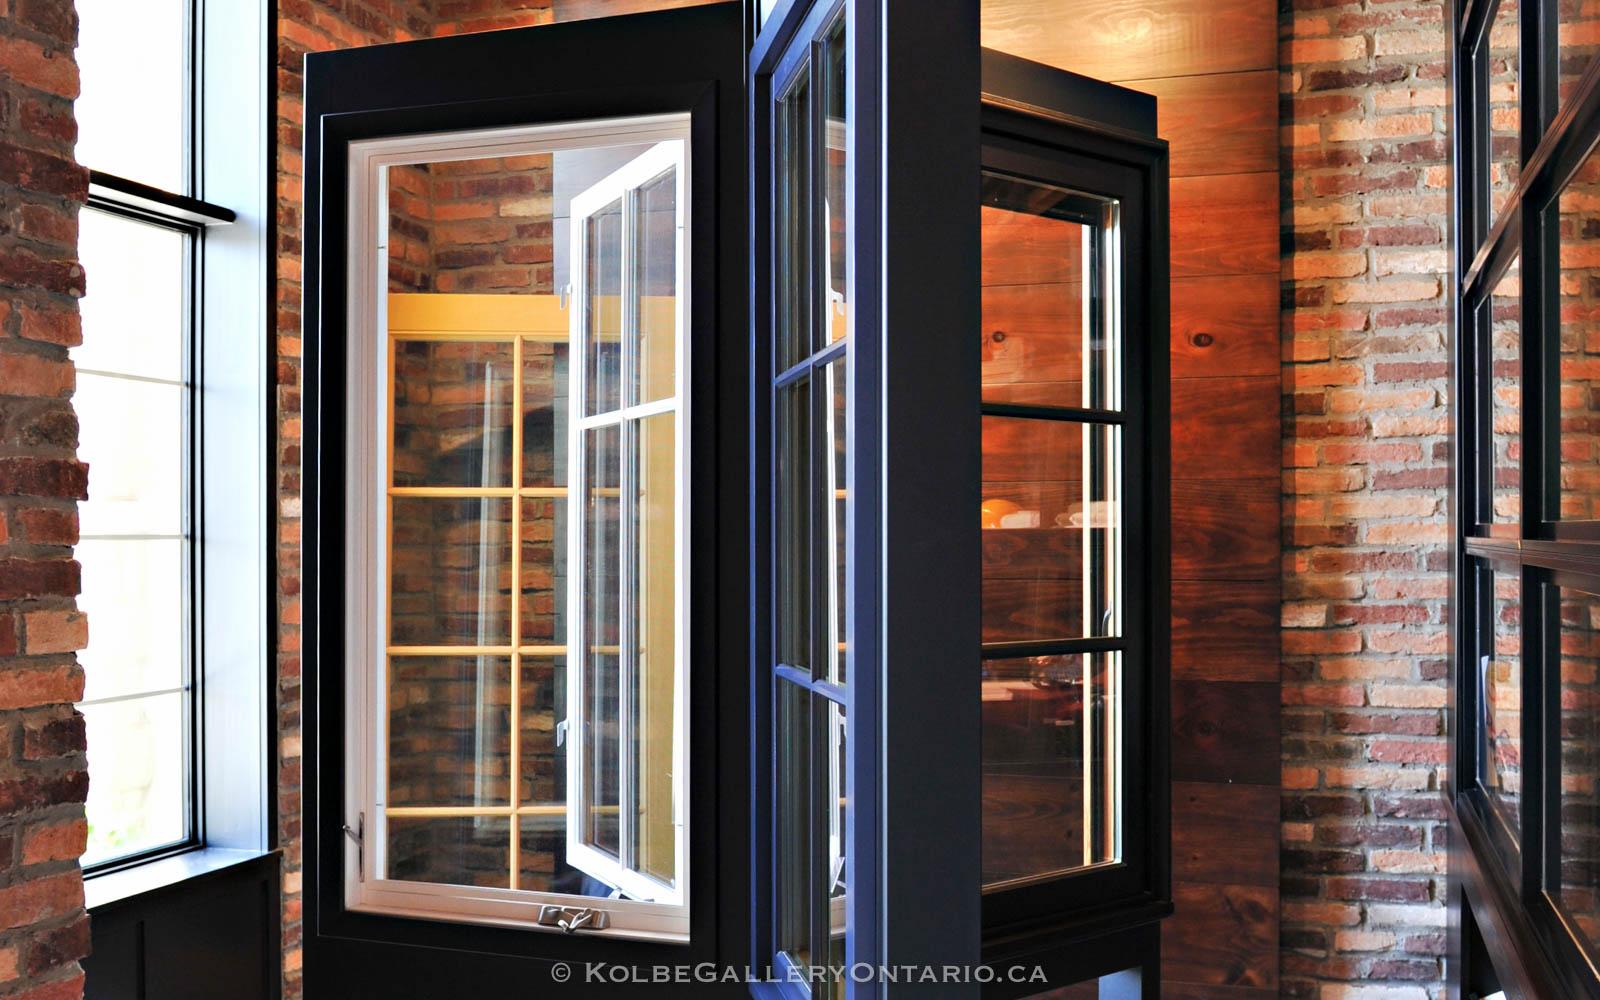 KolbeGalleryOntario.ca-windows-and-doors-Oakville-showroom-20120510-102439